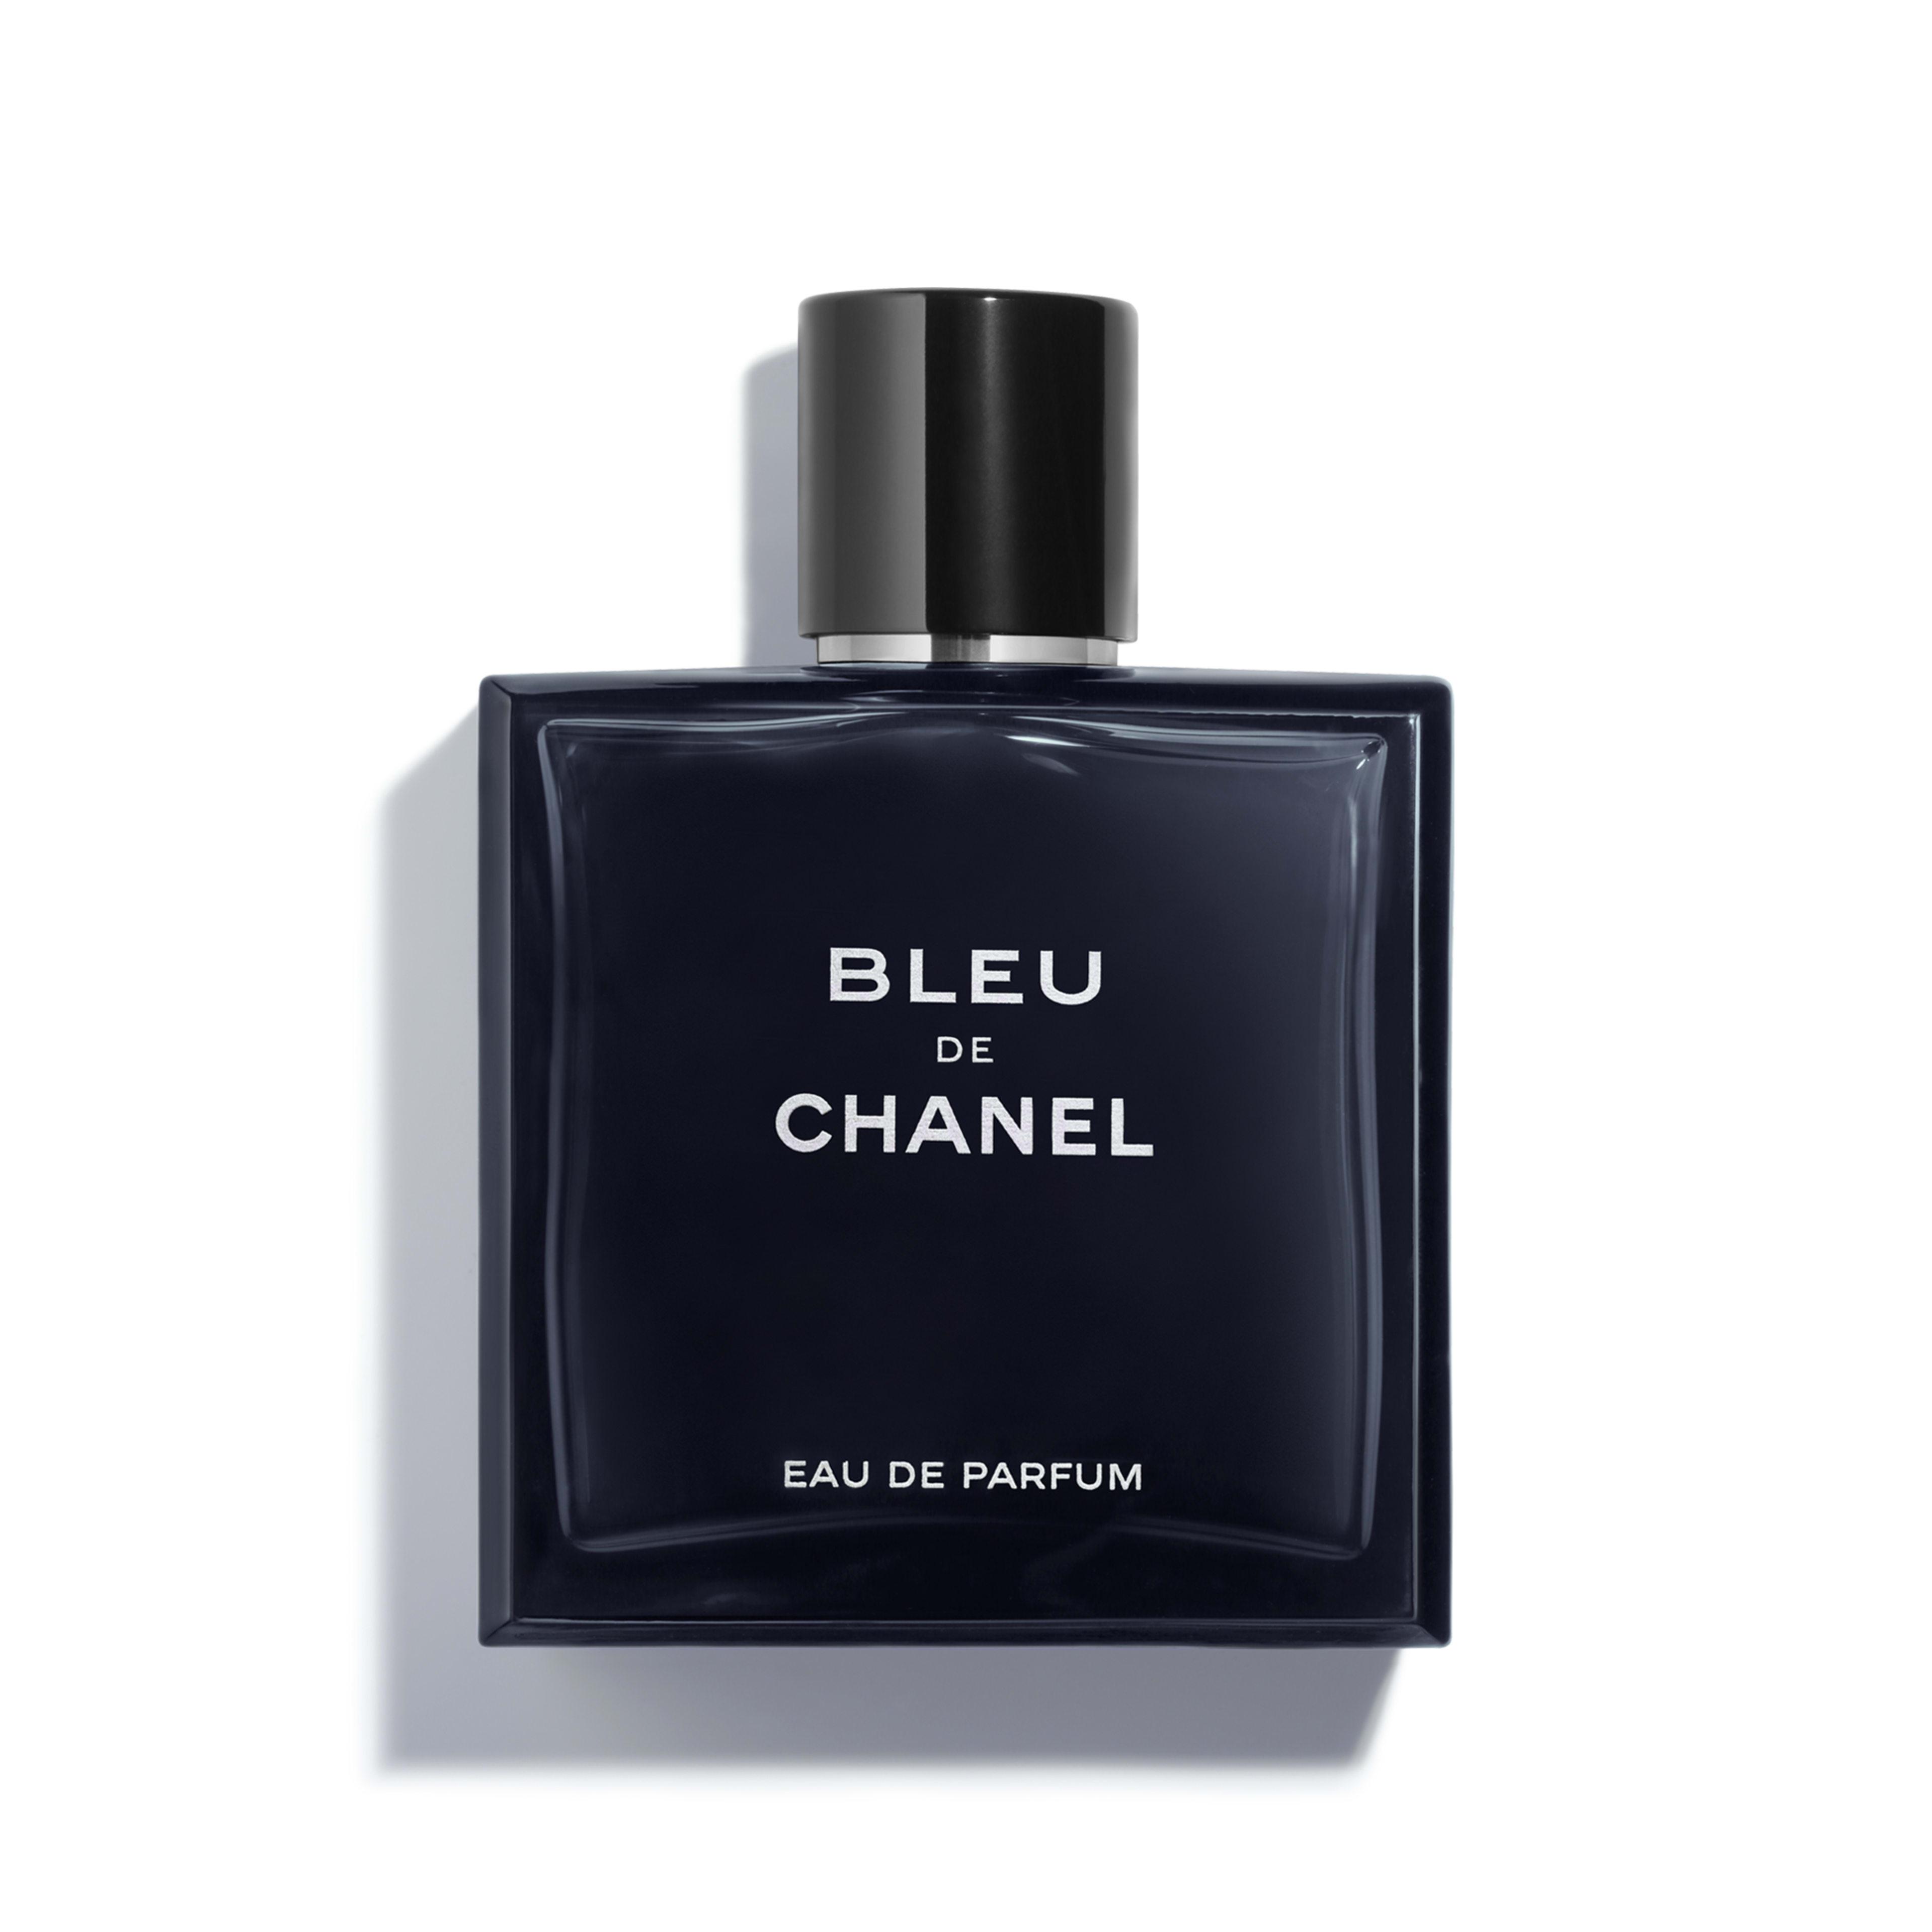 eau de parfum bleu de chanel